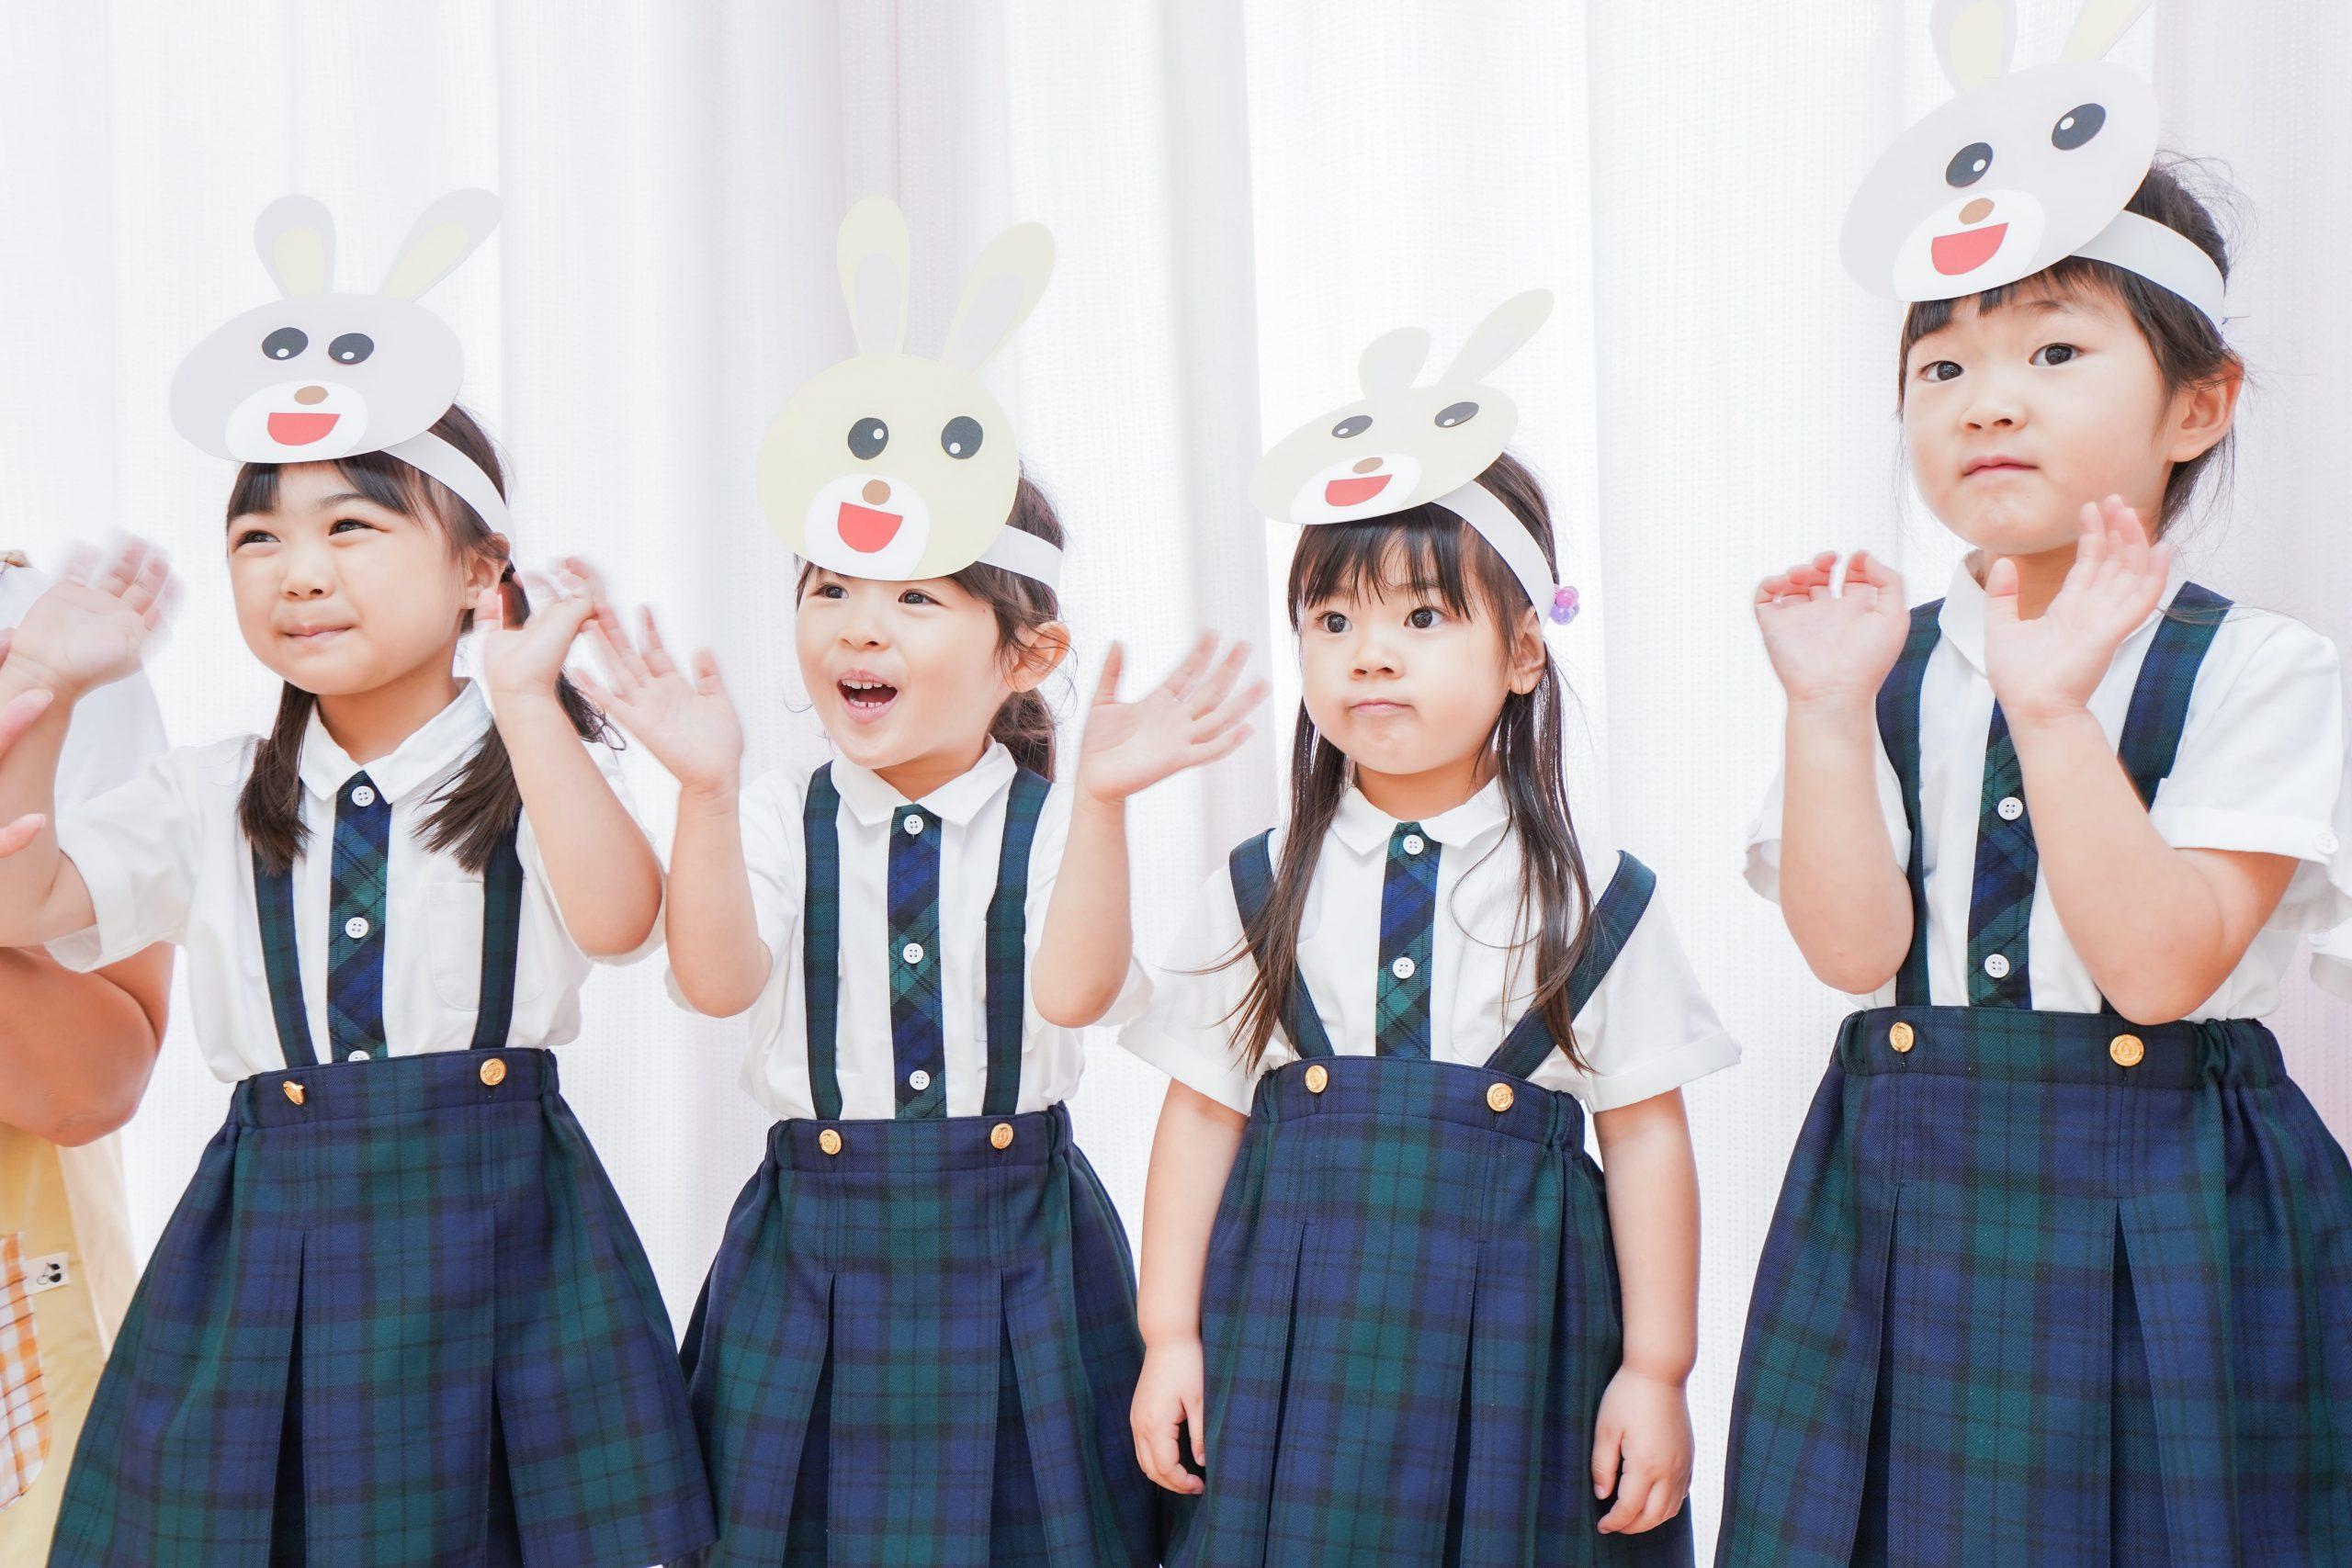 大阪府 堺市  幼稚園求人・入園促進向けPR動画制作